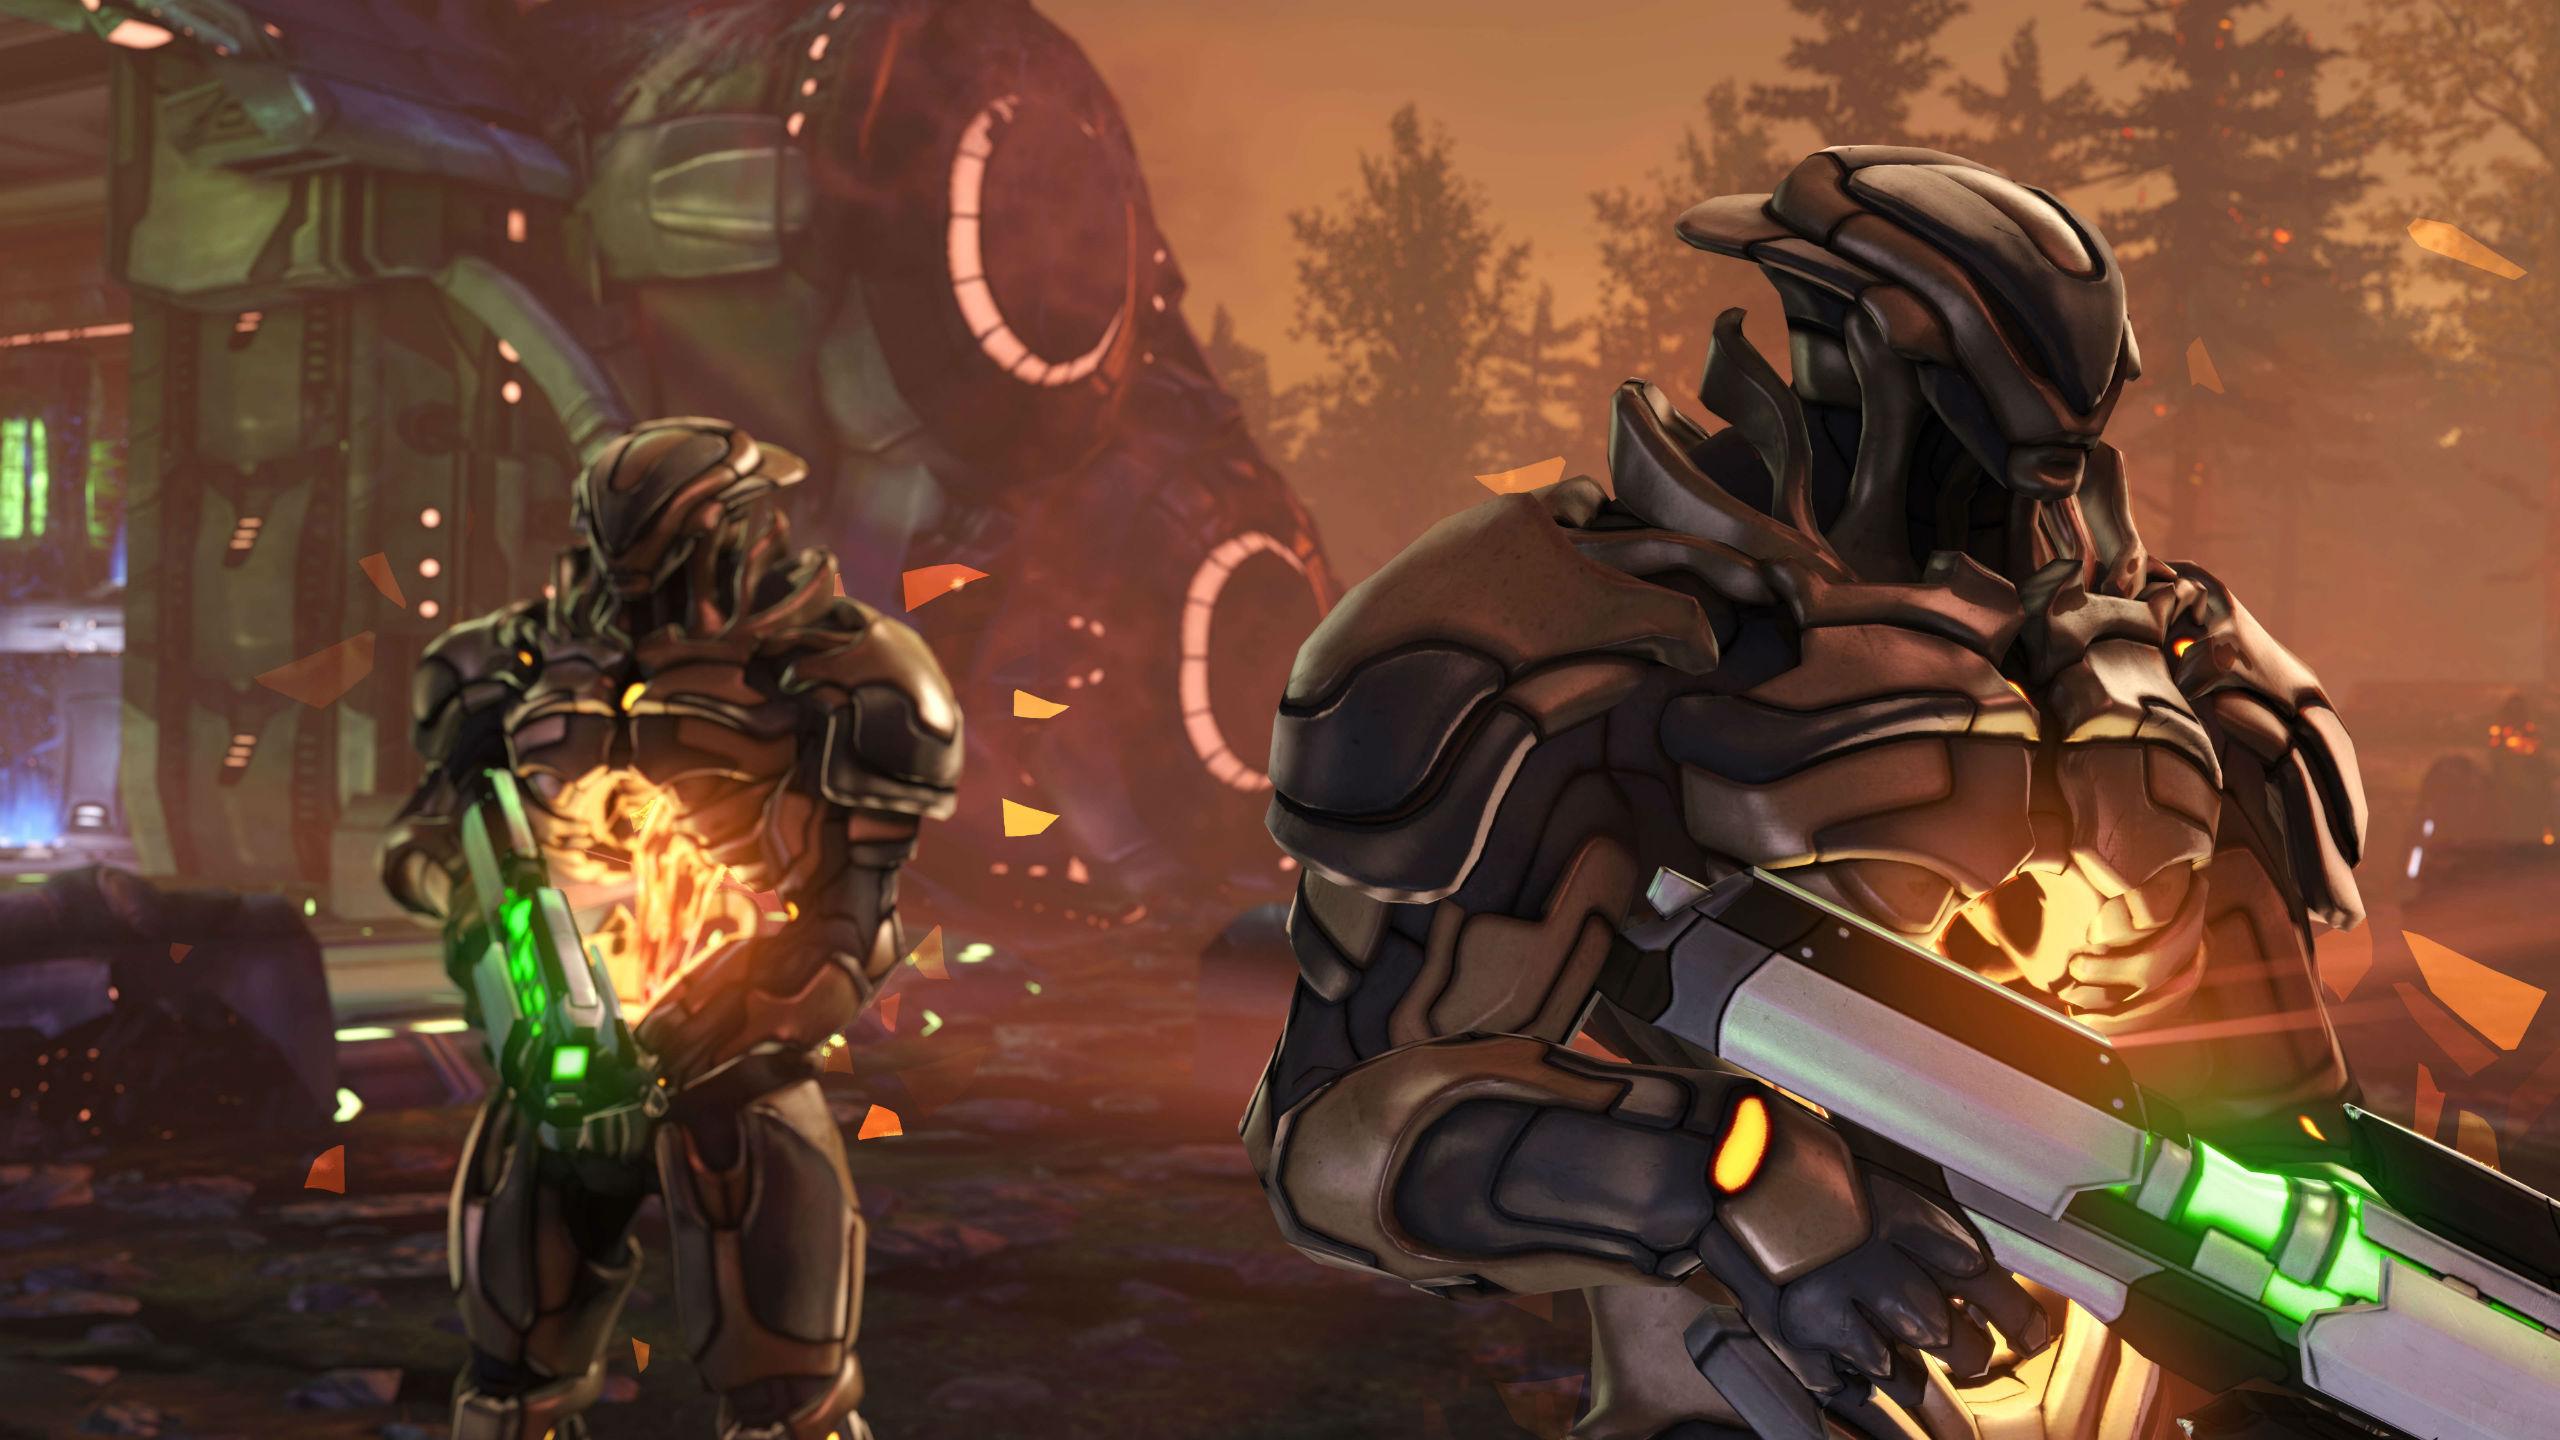 xcom enemy unknown sci-fi warrior weapon u wallpaper | 2560x1440